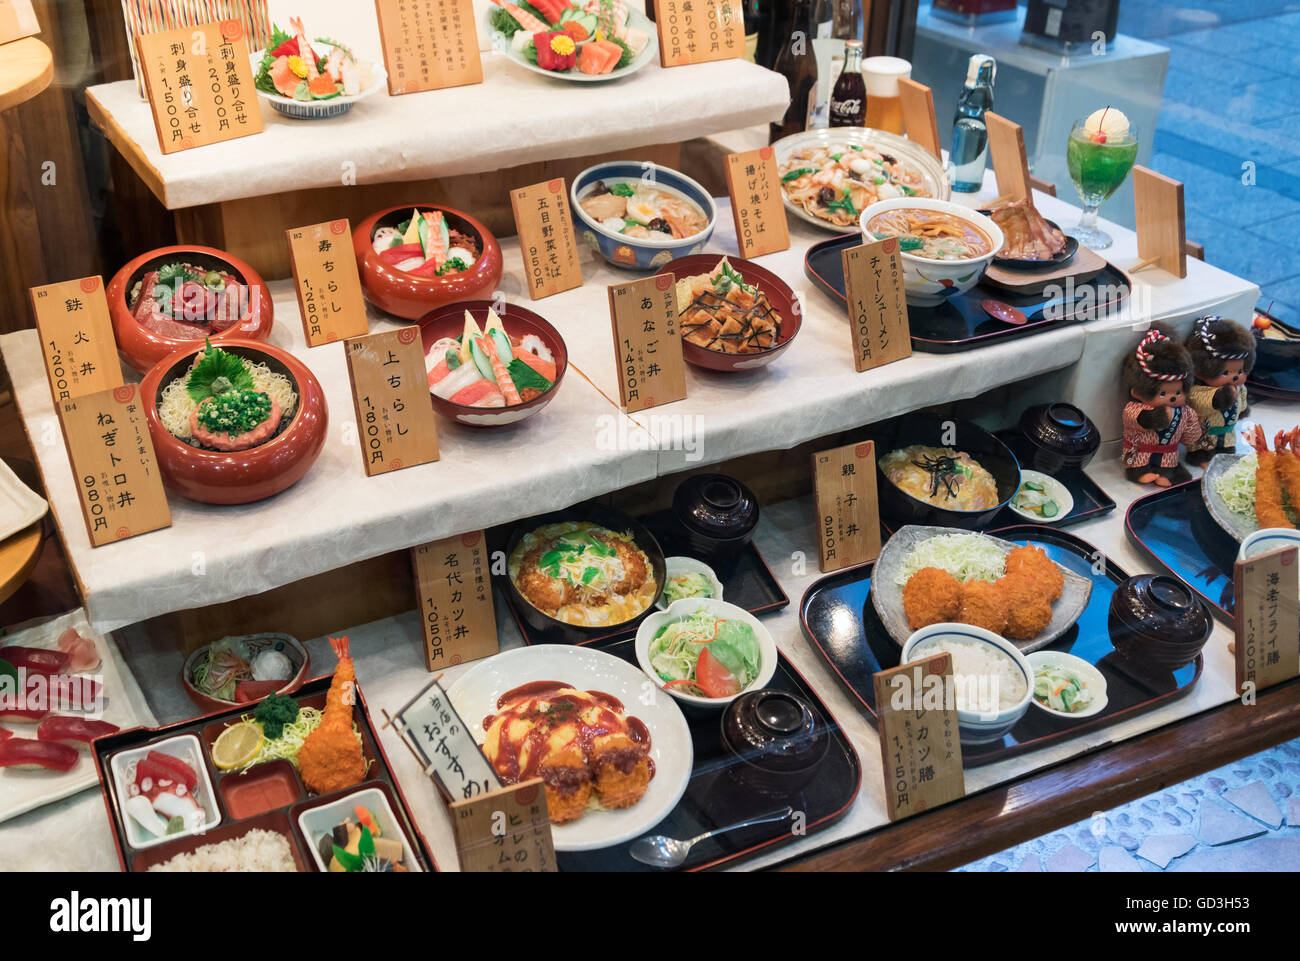 Sampuru, plastica delle repliche di pasti serviti nei ristoranti Giapponesi, Tokyo, Giappone Immagini Stock